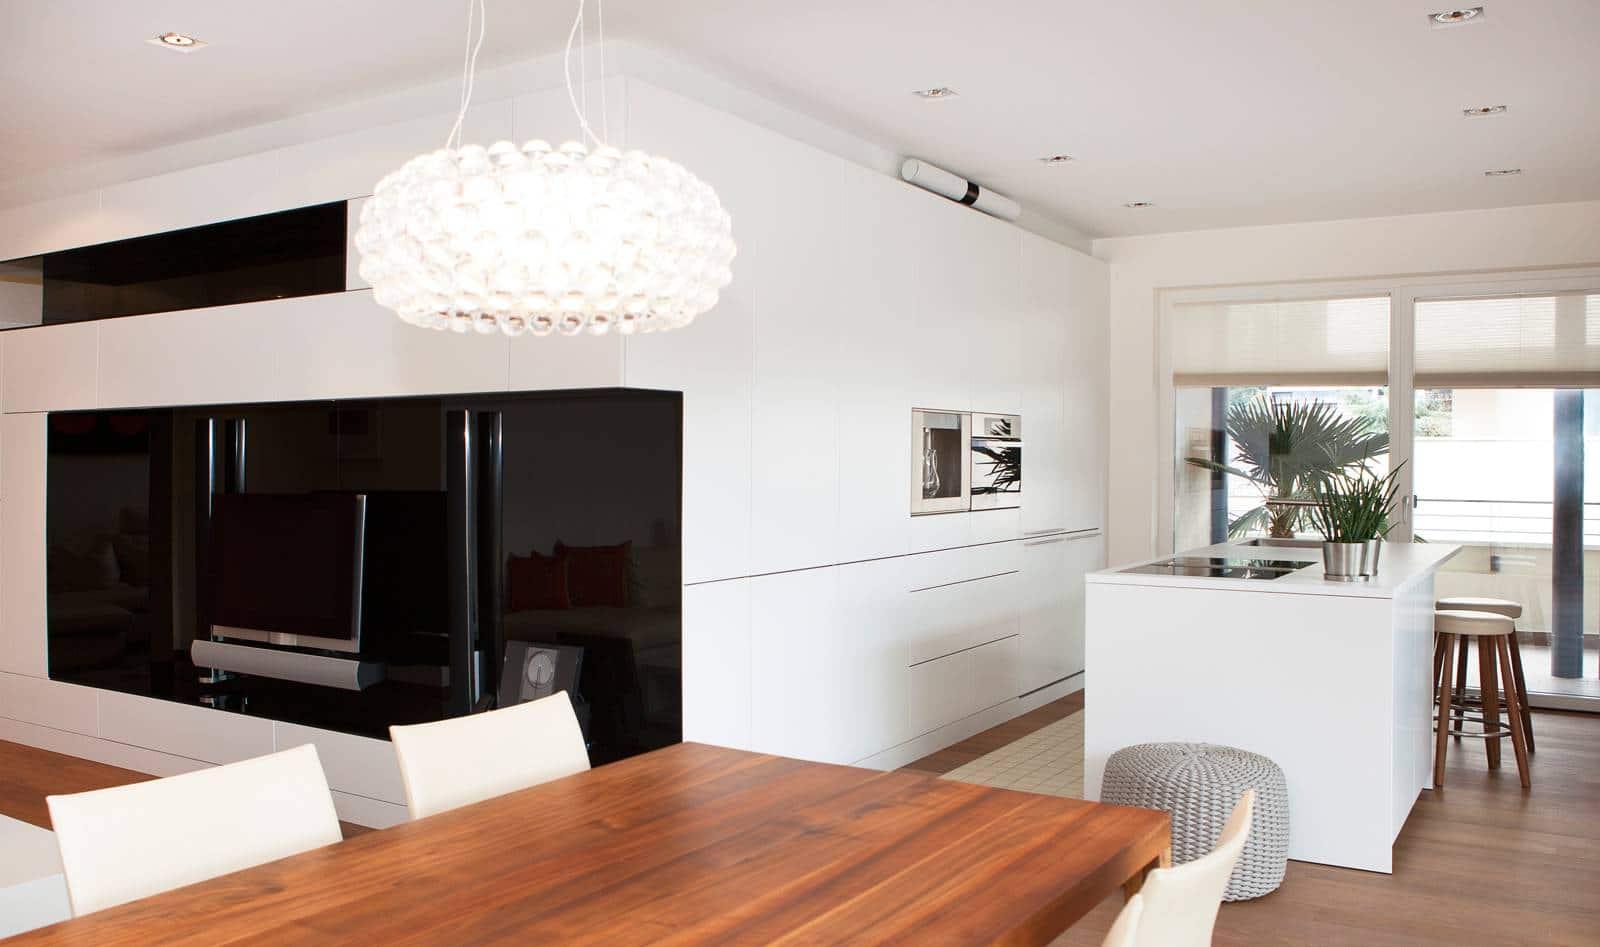 Dise o de planos de apartamento e interior construye hogar for Decoracion cocina comedor